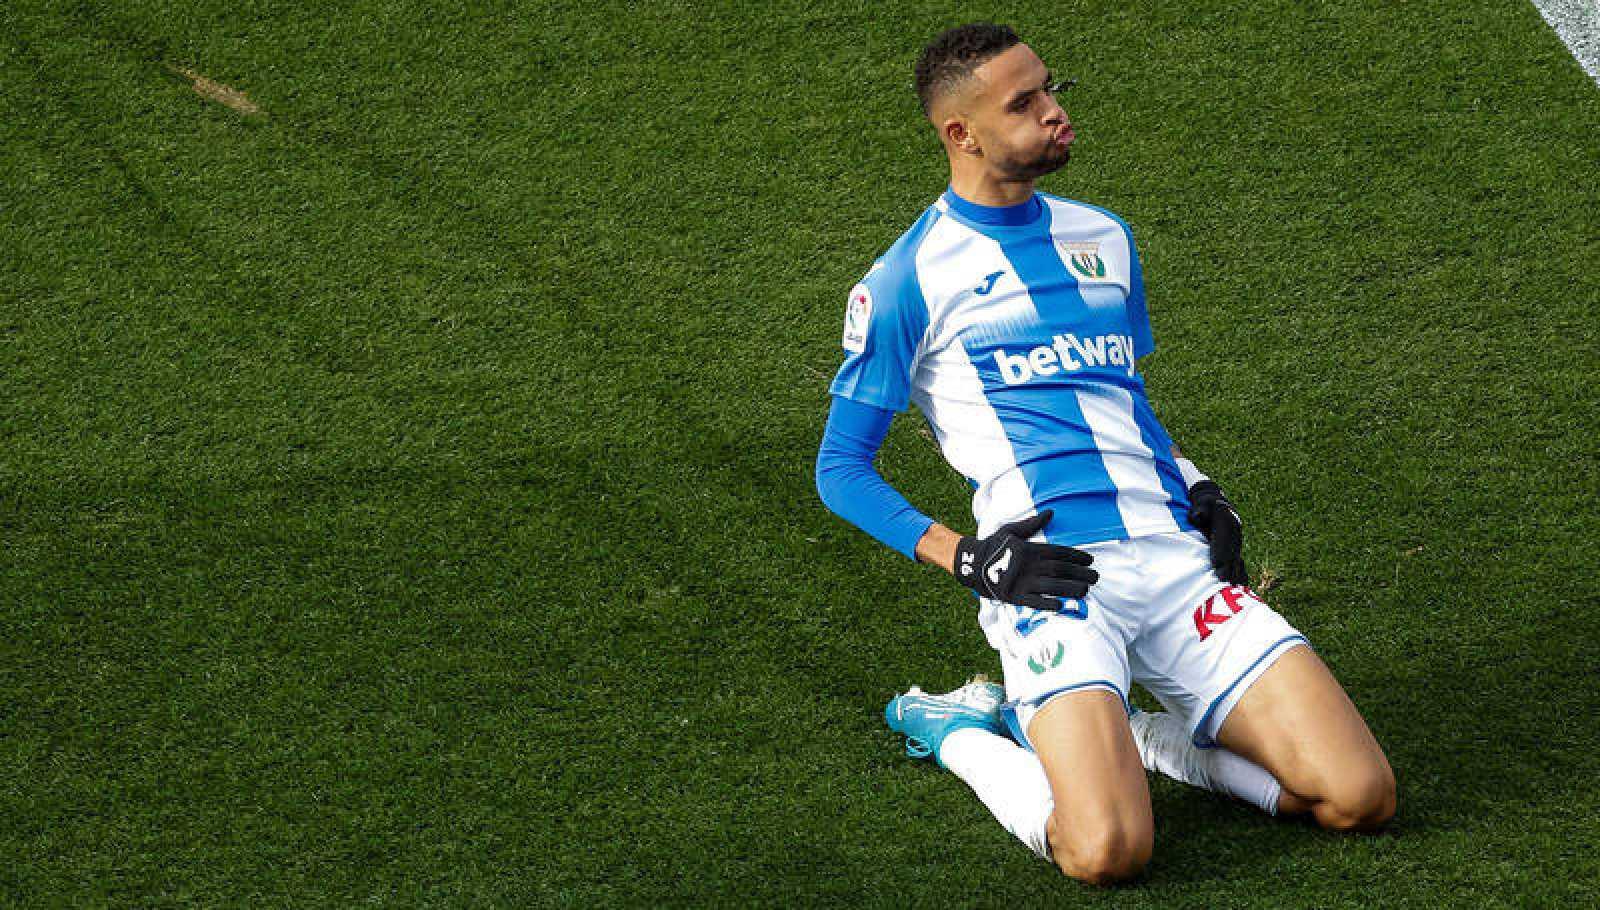 El delantero marroquí Youssef En-Nesyri celebra su gol ante el RCD Espanyol.